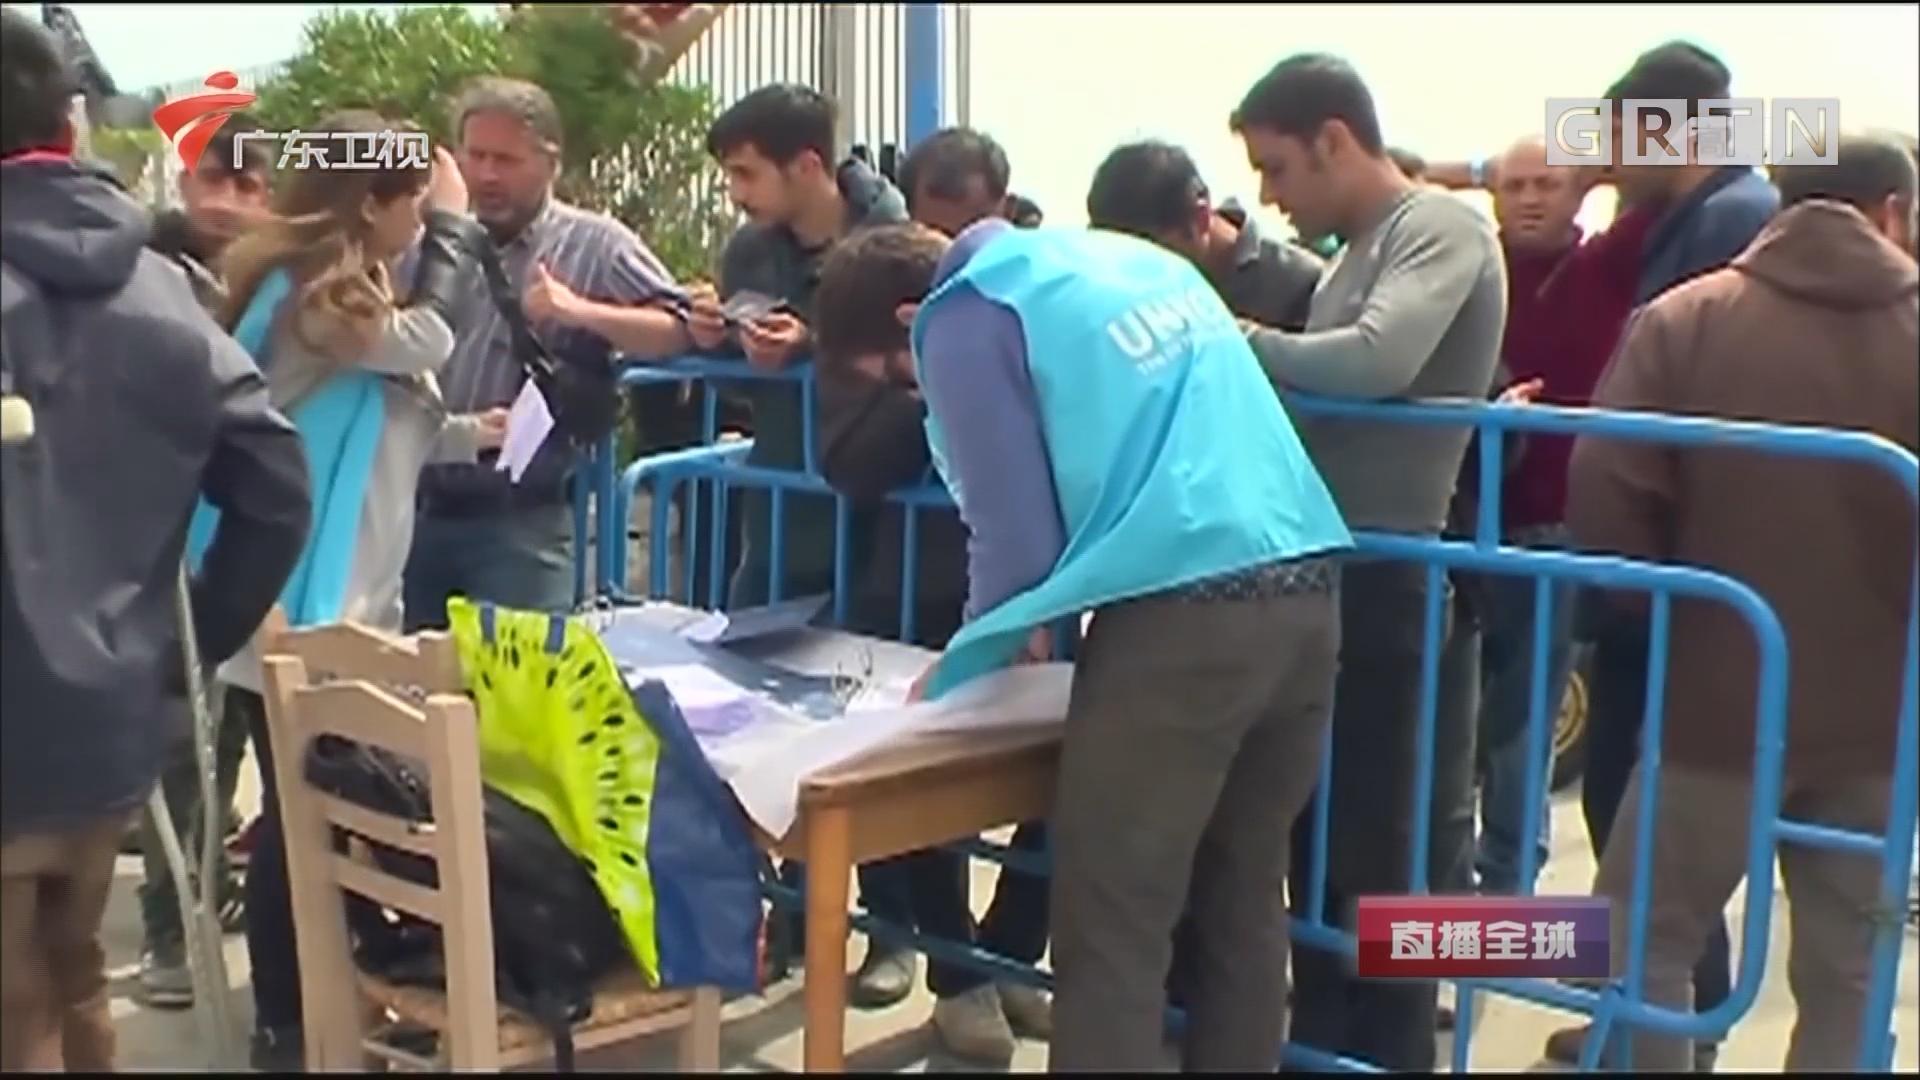 希腊今向土耳其遭返第一批难民 难民:宁死不去土耳其